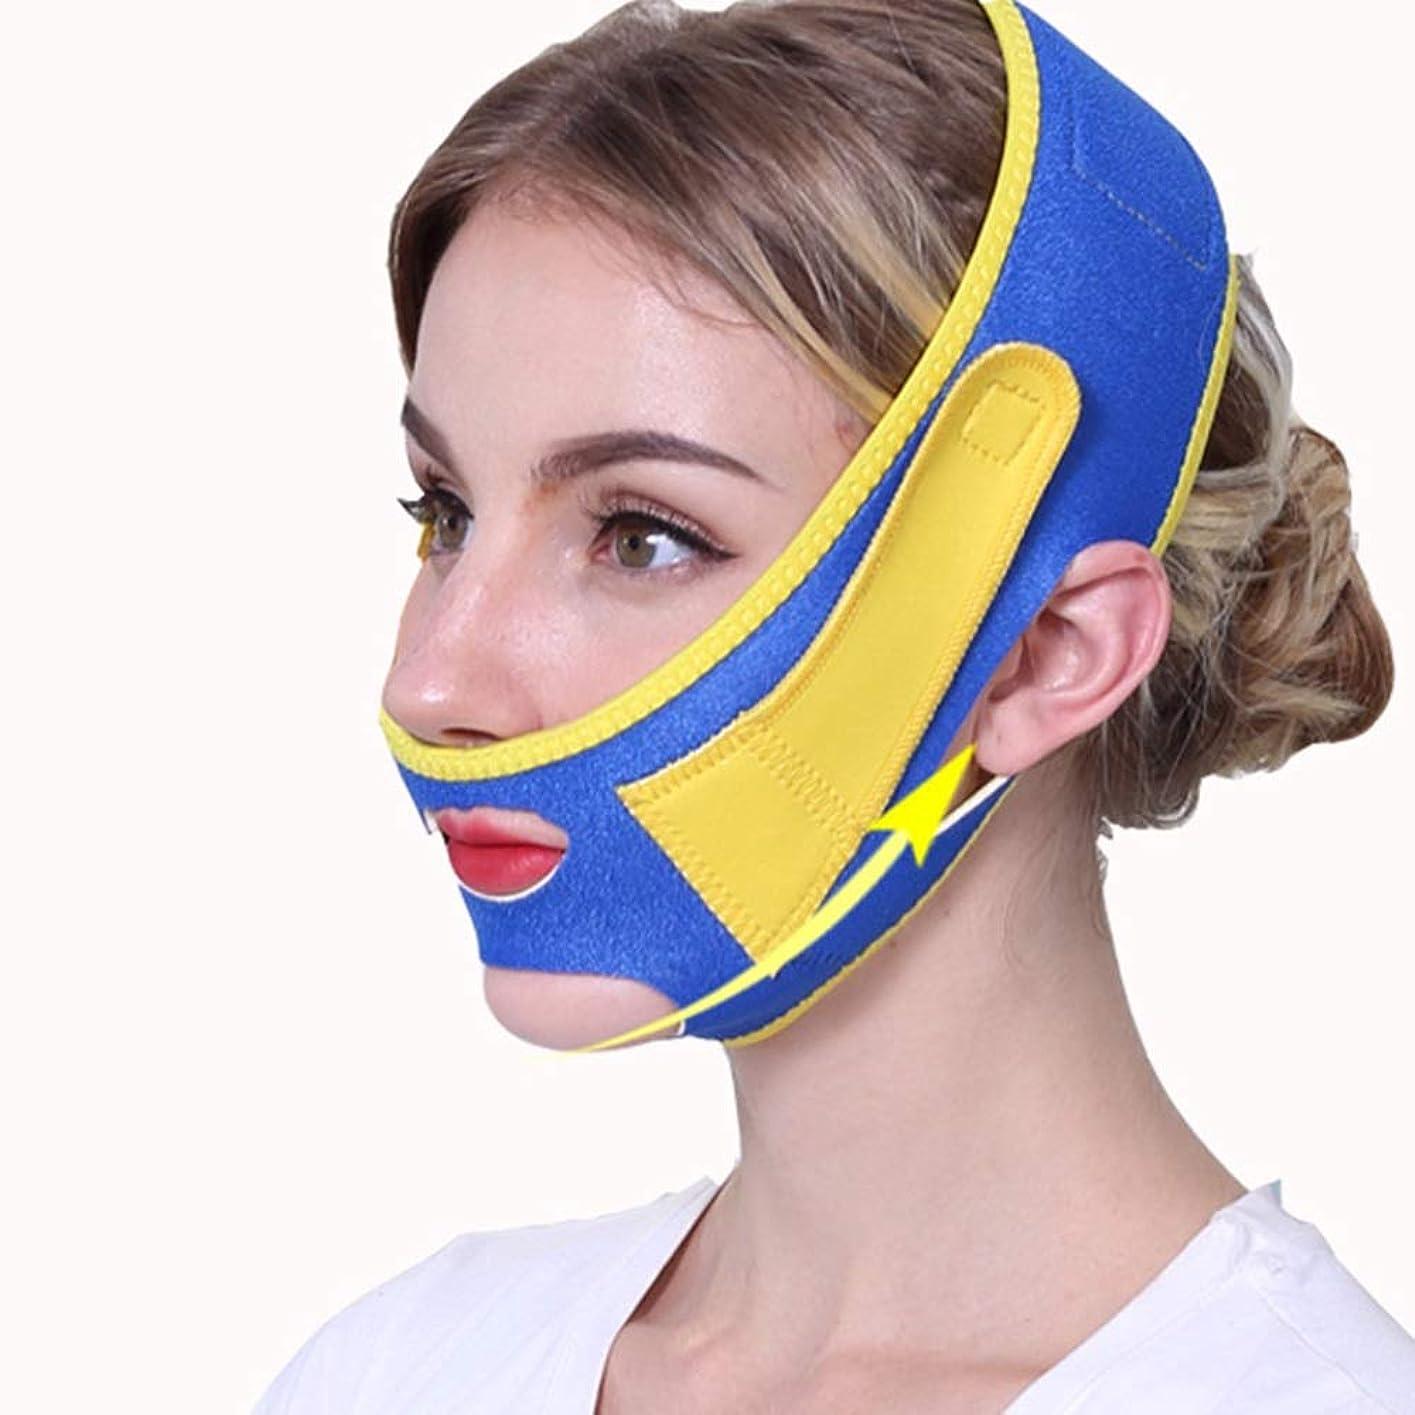 薄い排他的構築するGYZ フェイシャルリフティング痩身ベルトフェイス包帯マスク整形マスクフェイスベルトを引き締める薄型フェイス包帯整形マスクフェイスと首の顔を引き締めスリム Thin Face Belt